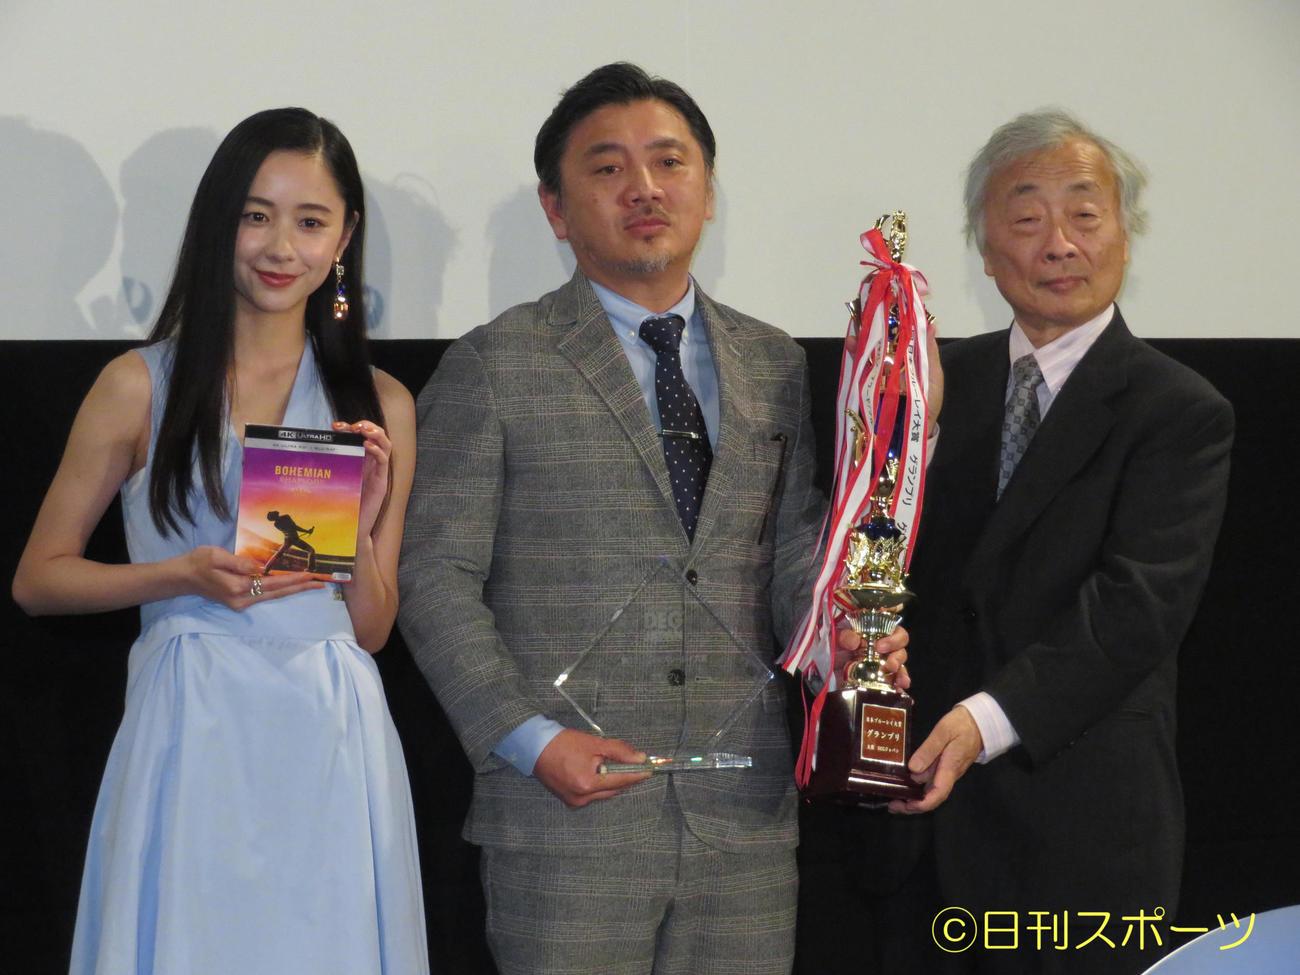 「第12回 日本ブルーレイ大賞」授賞式に出席した堀田真由(左)。右は麻倉怜士氏(撮影・横山慧)